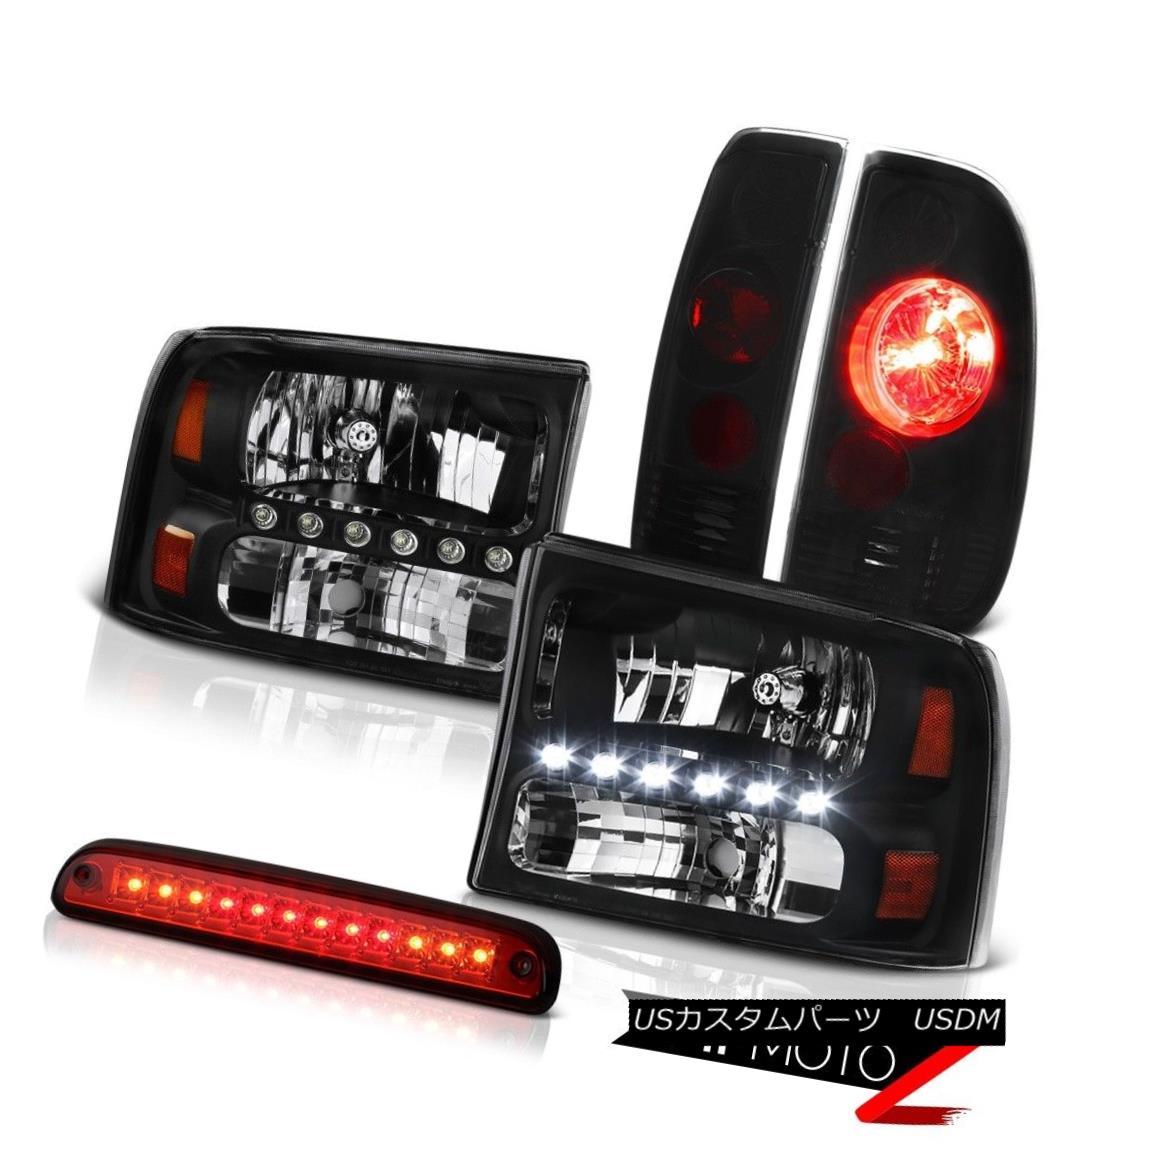 ヘッドライト L+R Black Headlamp 3rd Brake Red LED Smoke+Black Tail Light 99-04 Ford SuperDuty L + Rブラックヘッドランプ第3ブレーキ赤色LEDスモーク+ブラックテールライト99-04 Ford SuperDuty